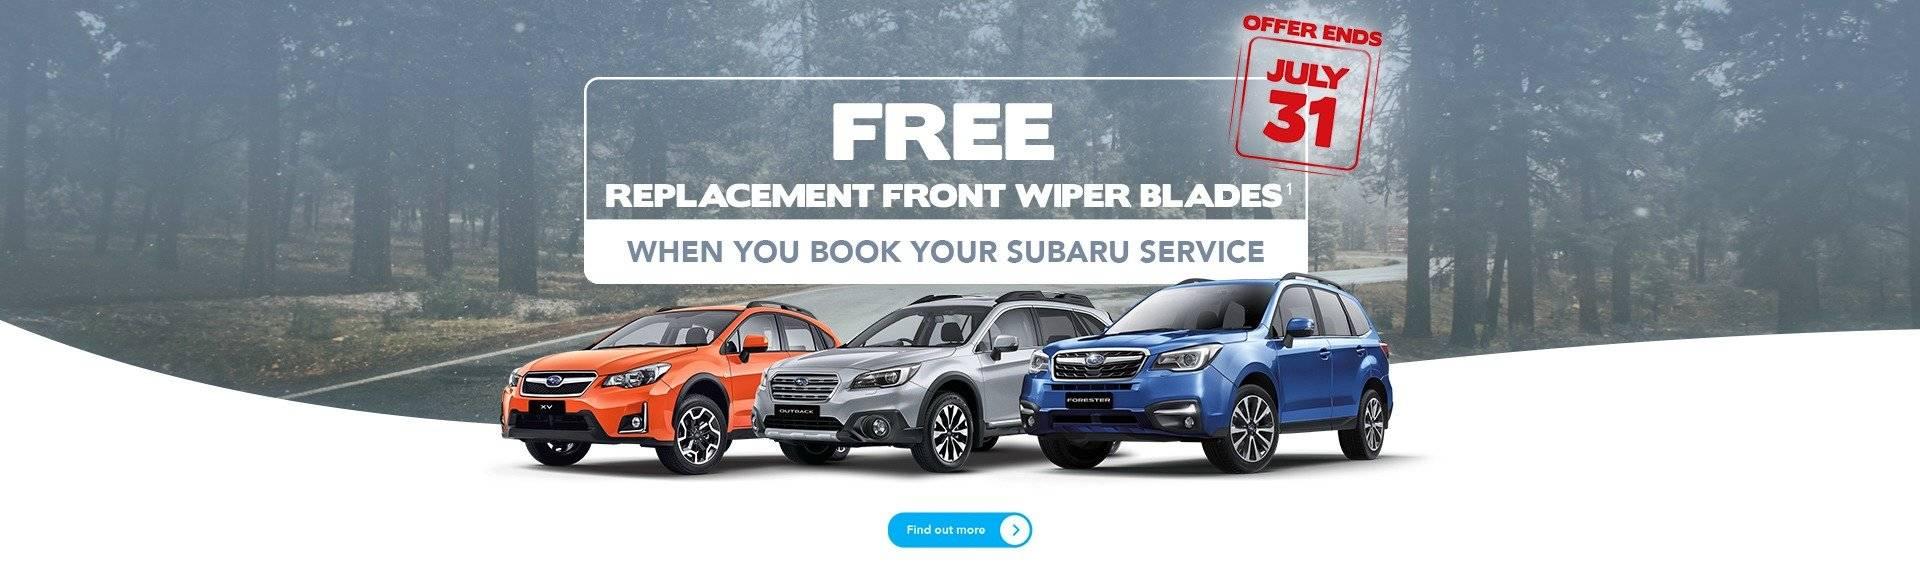 Subaru Melbourne Winter Service Offer